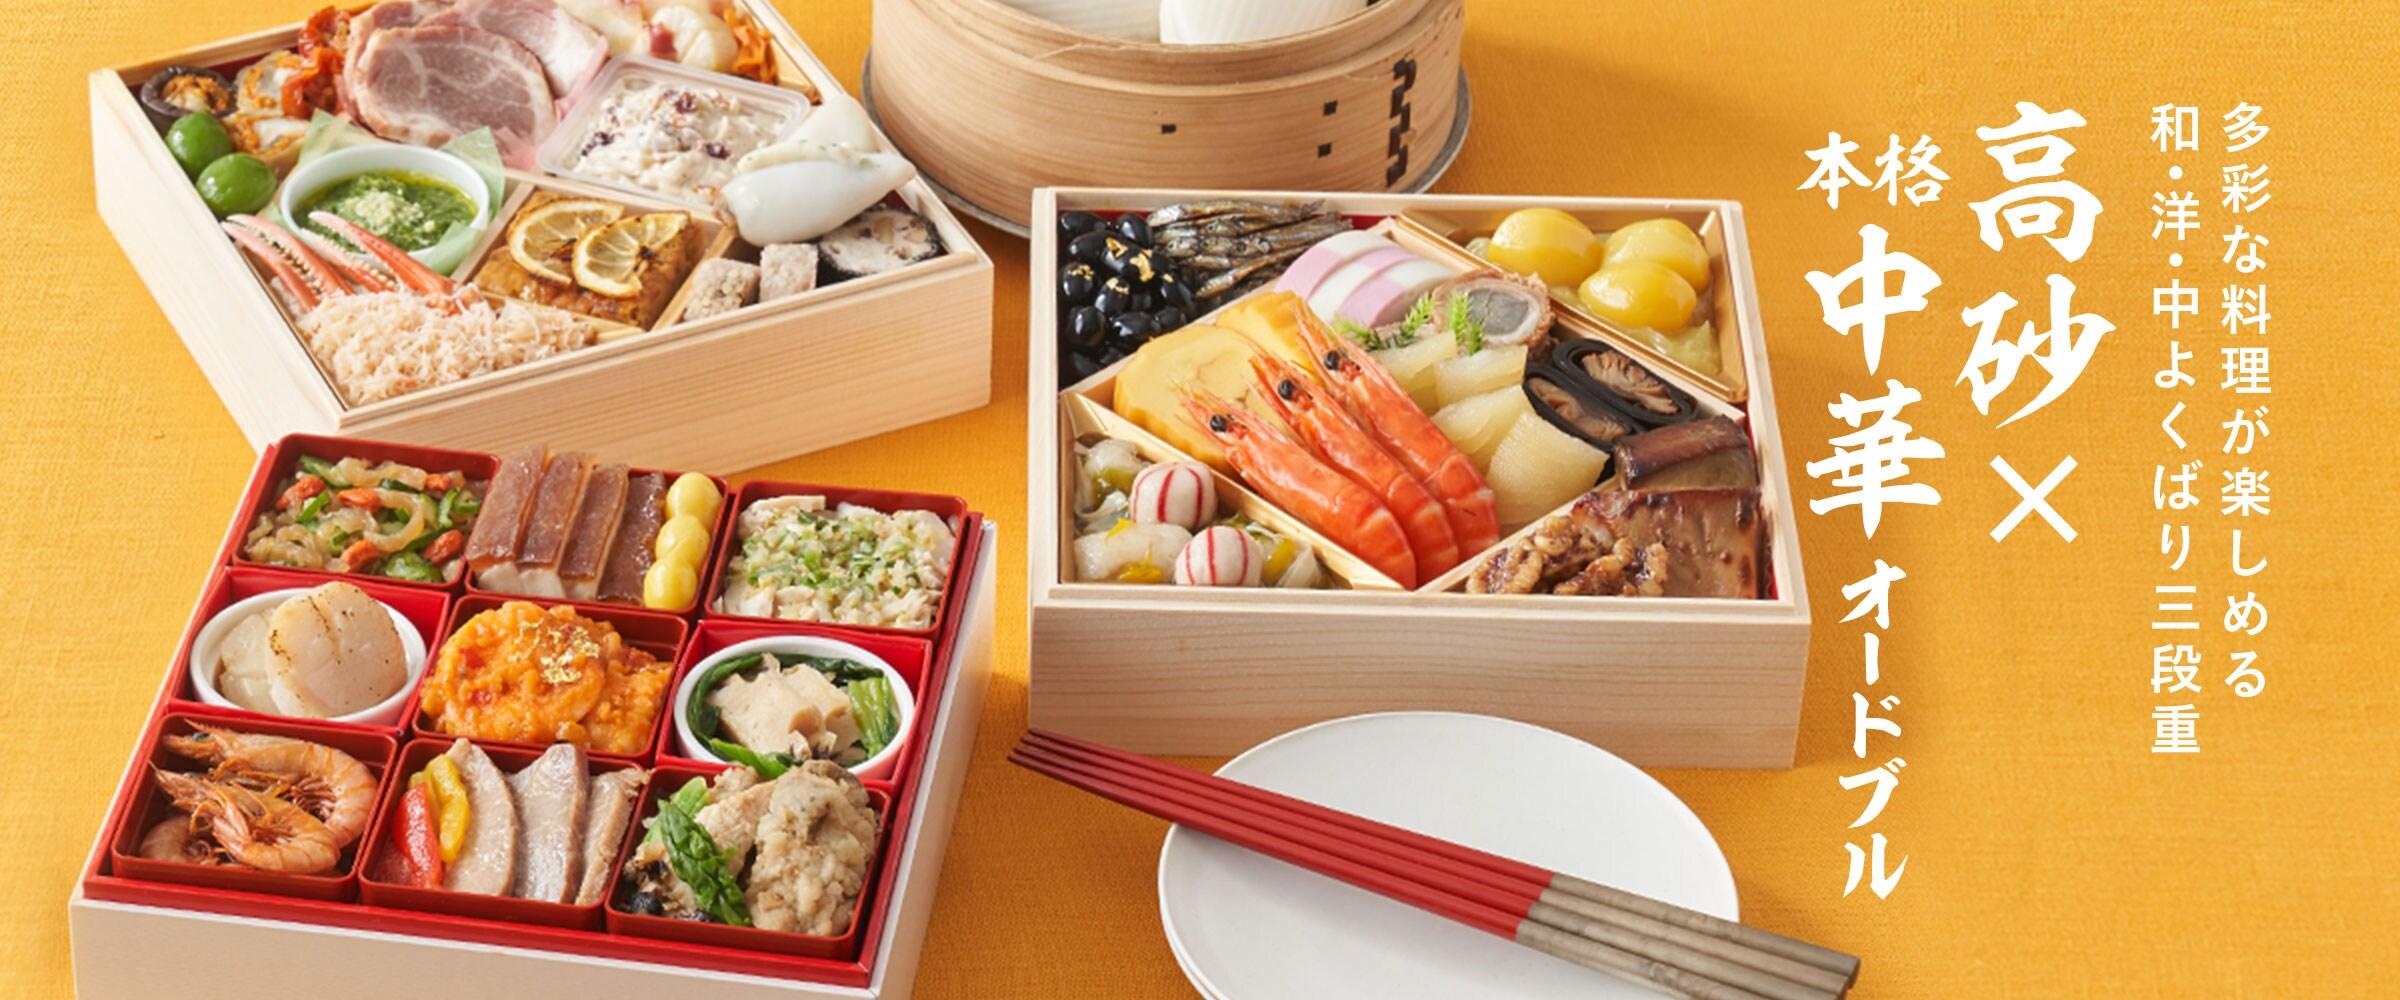 高砂×本格中華オードブル:多彩な料理が楽しめる和・洋・中よくばり三段重